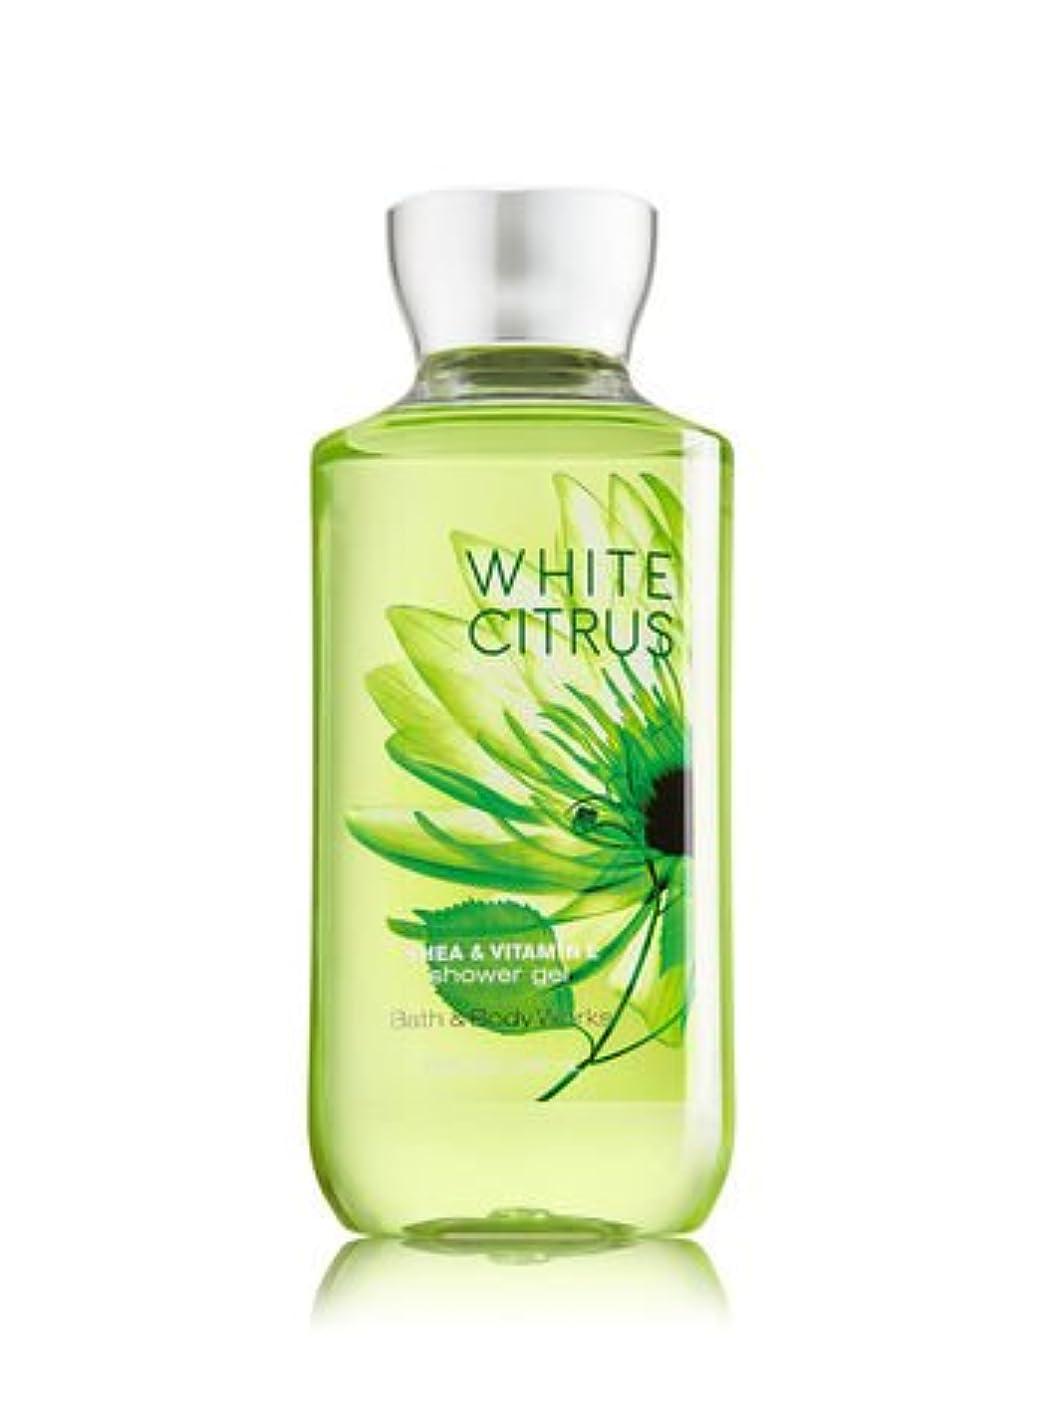 整理する地平線我慢するバス&ボディワークス ホワイトシトラス シャワージェル White Citrus Shower Gel [並行輸入品]